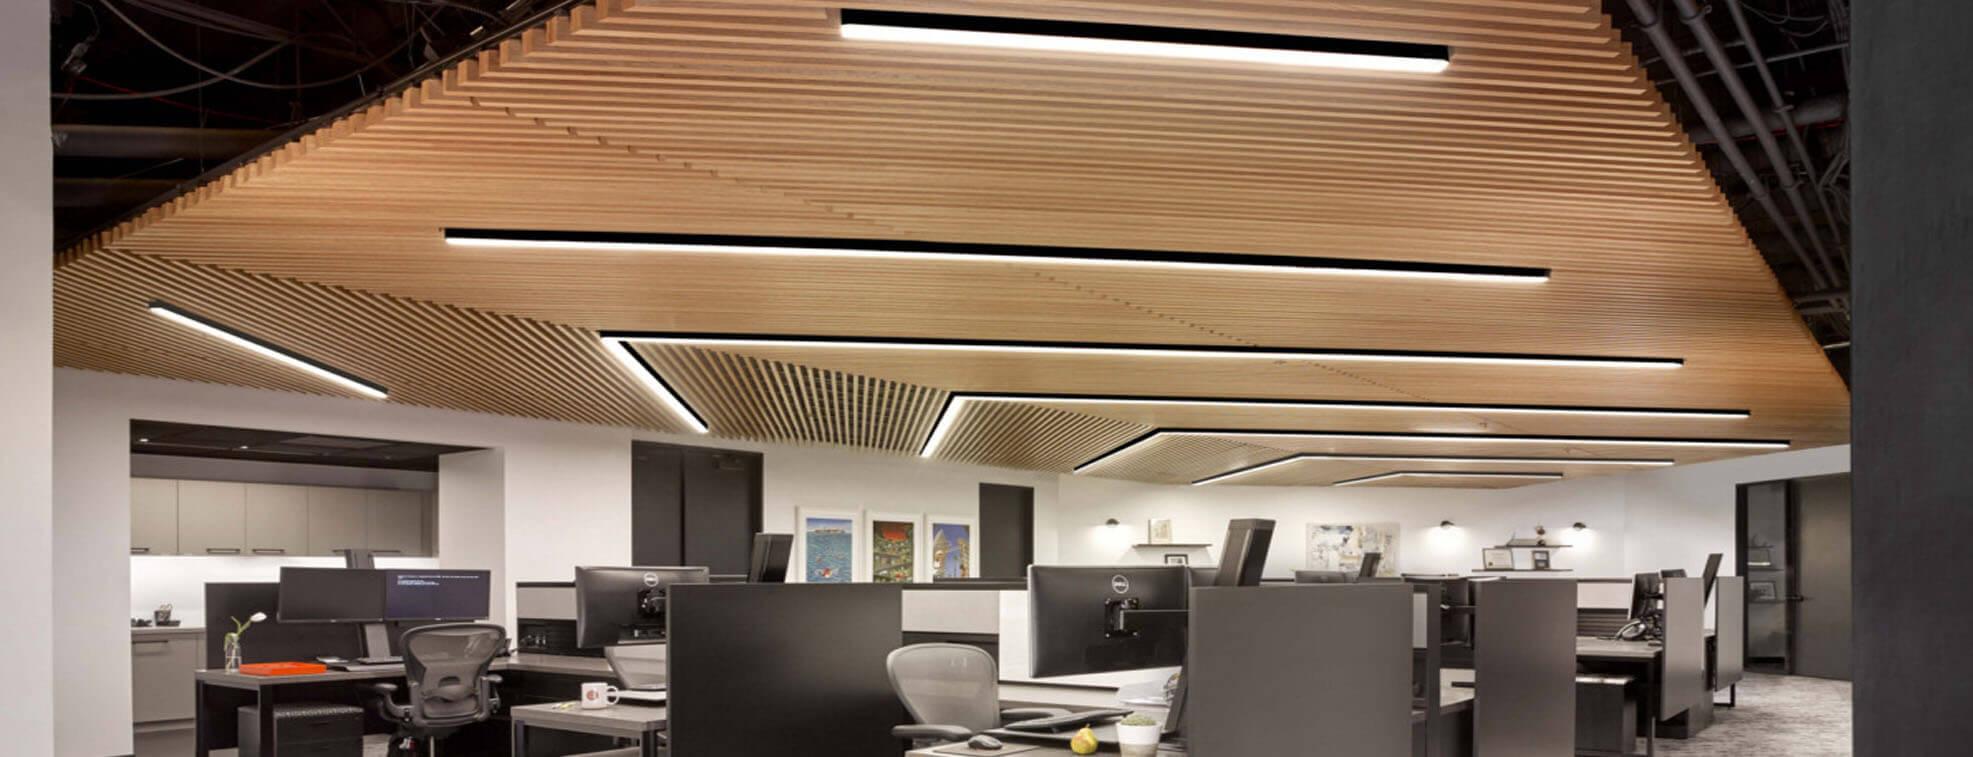 G2 Insurance Office Design